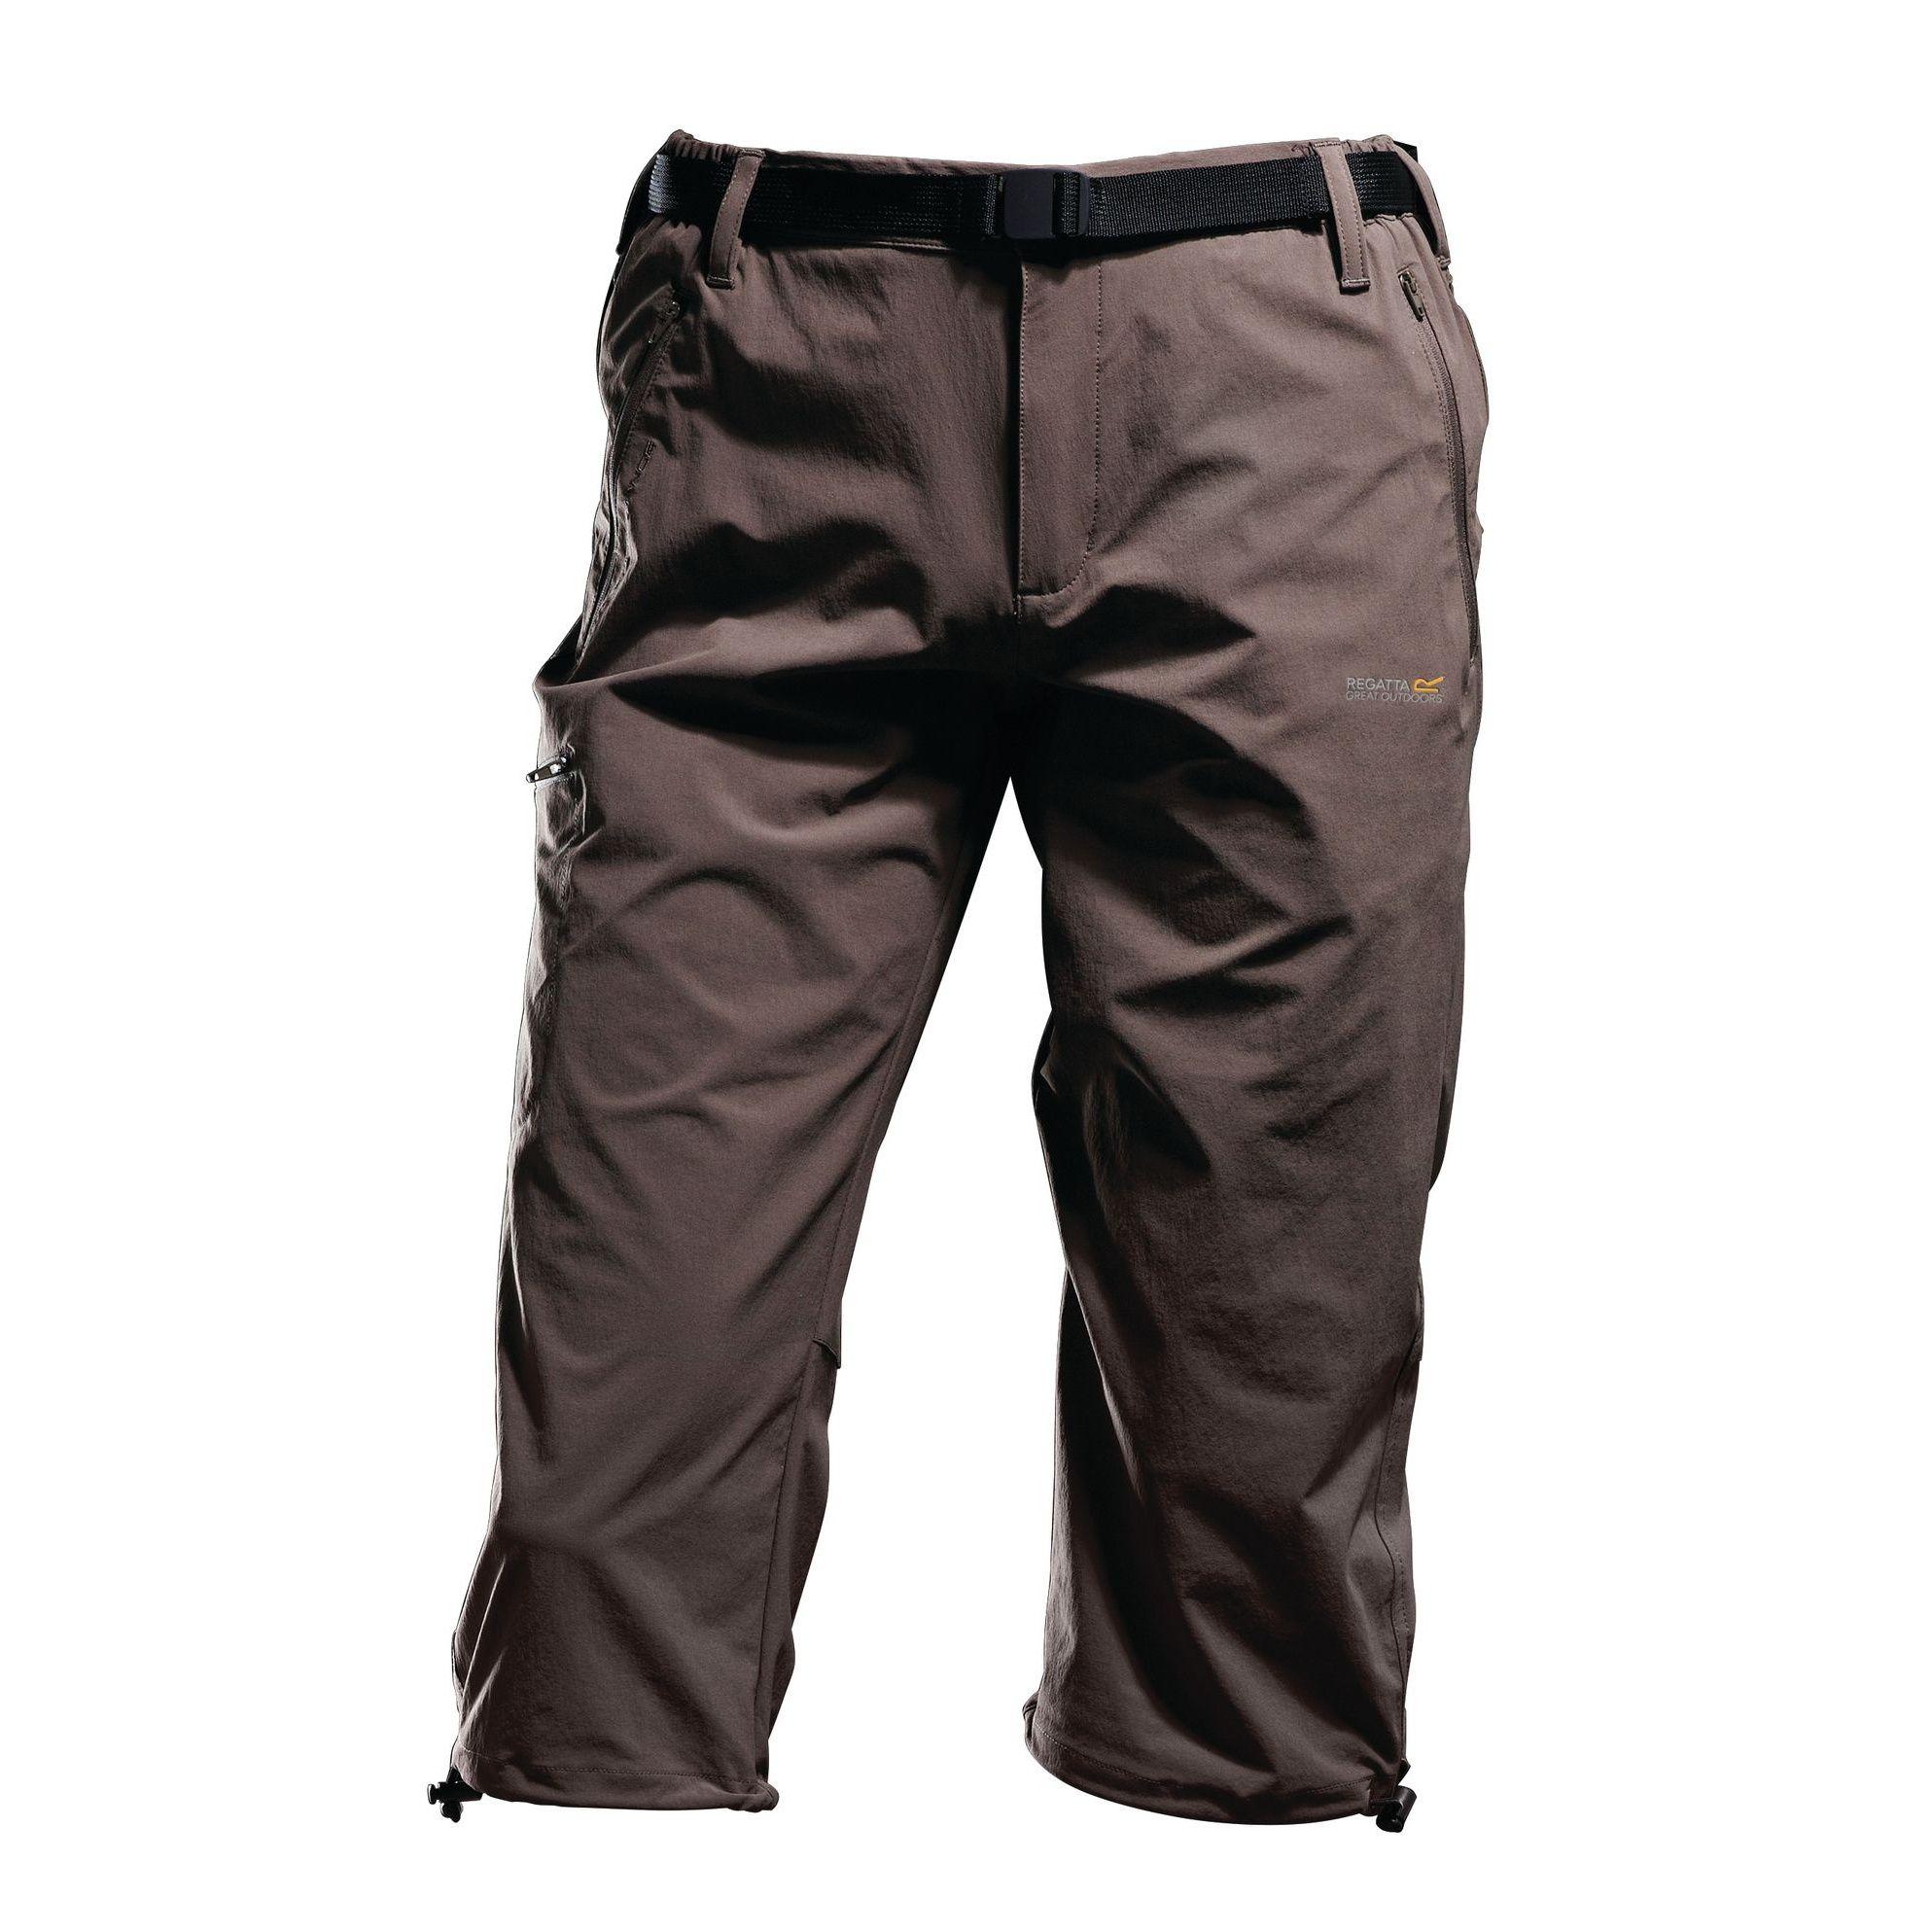 Regatta Great Outdoors Mens XERT Stretch Capris II Lightweight 3/4 Trousers